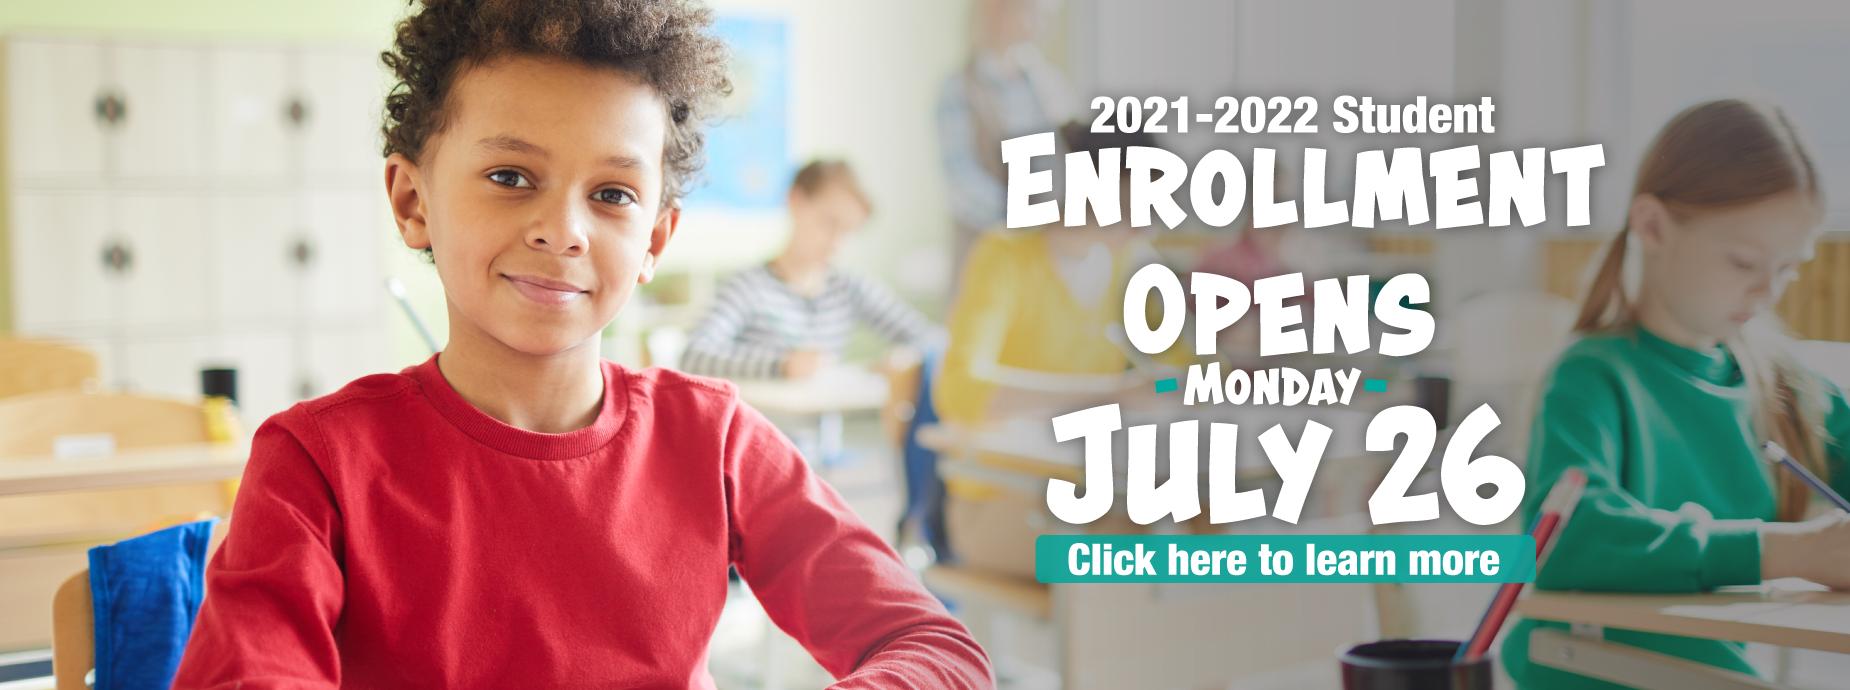 21-22 Enrollment Starts July 26